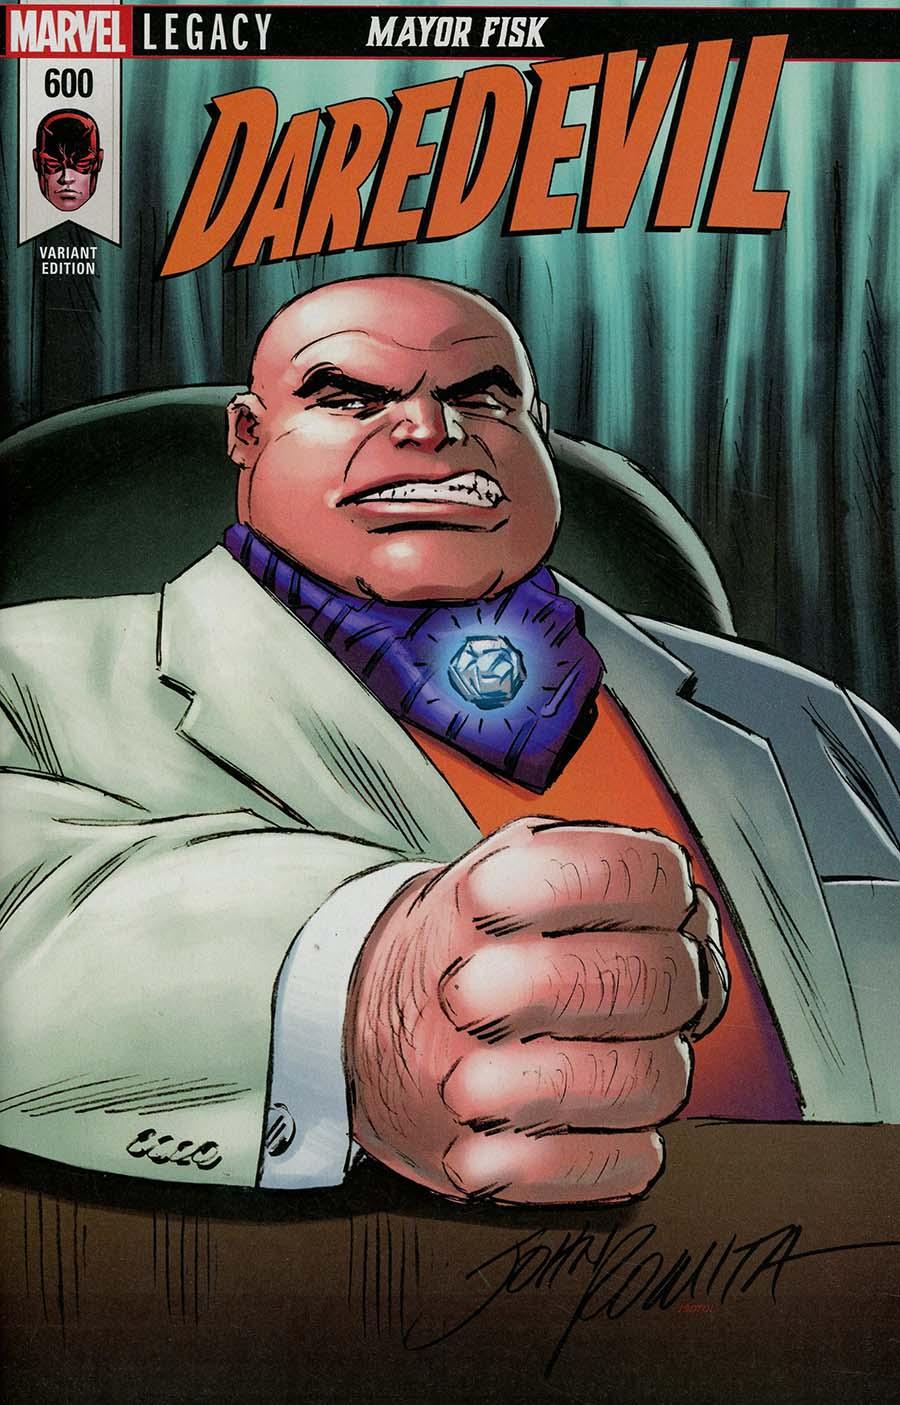 Daredevil Vol 5 #600 Cover K Variant Scorpion Comics John Romita Sr Cover (Marvel Legacy Tie-In)